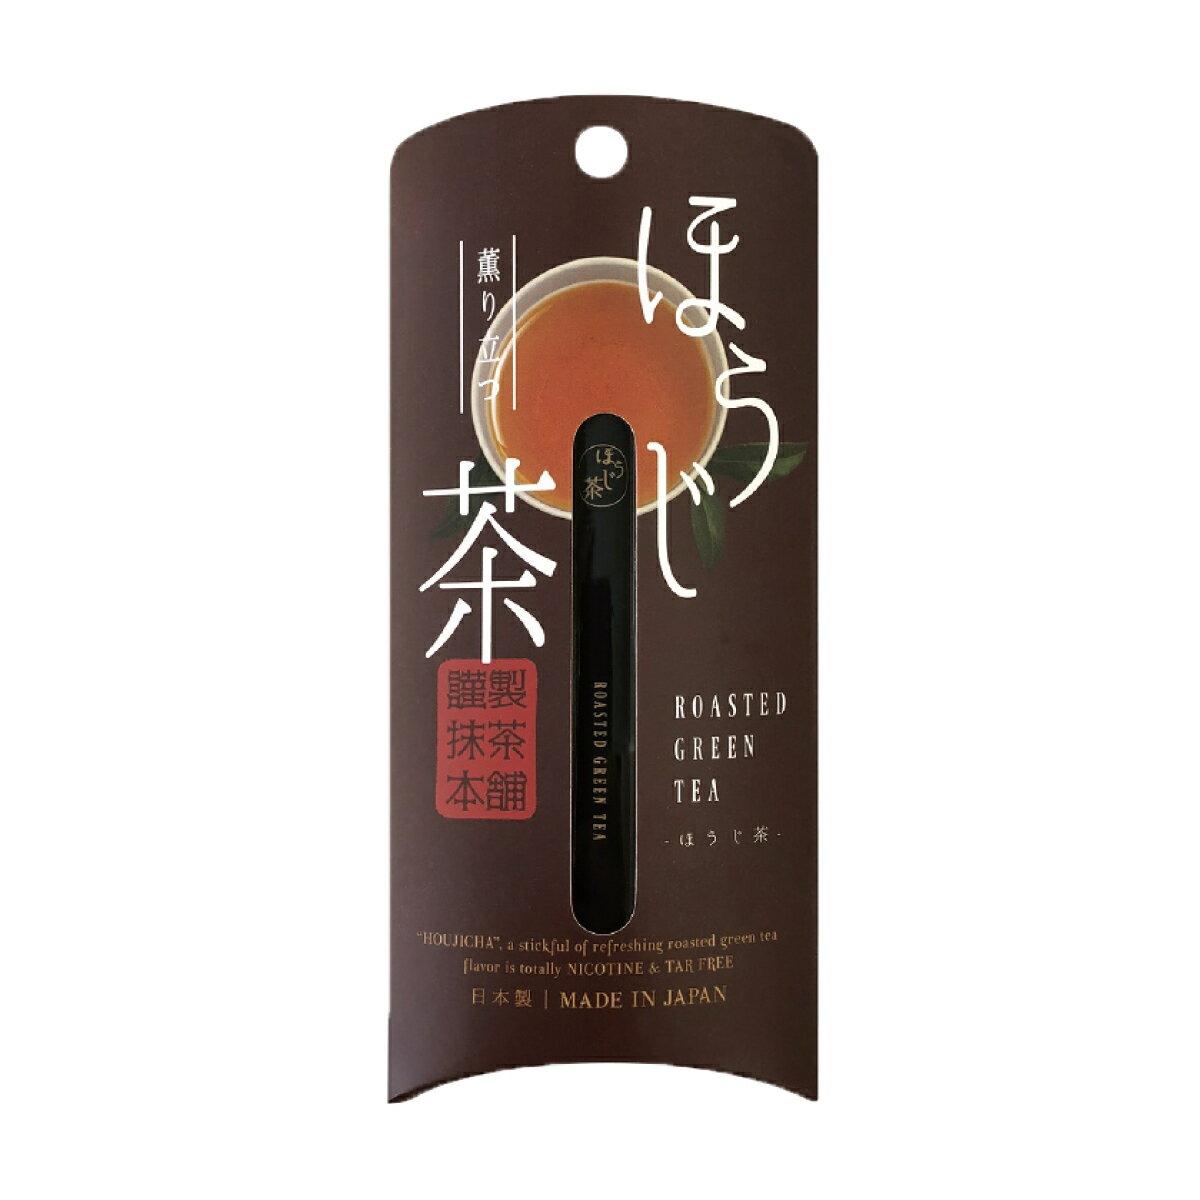 抹茶本舗 ほうじ茶 フレーバー ベイパースティック 電子タバコ ギフト プレゼント 日本土産 和 なごみ 癒し